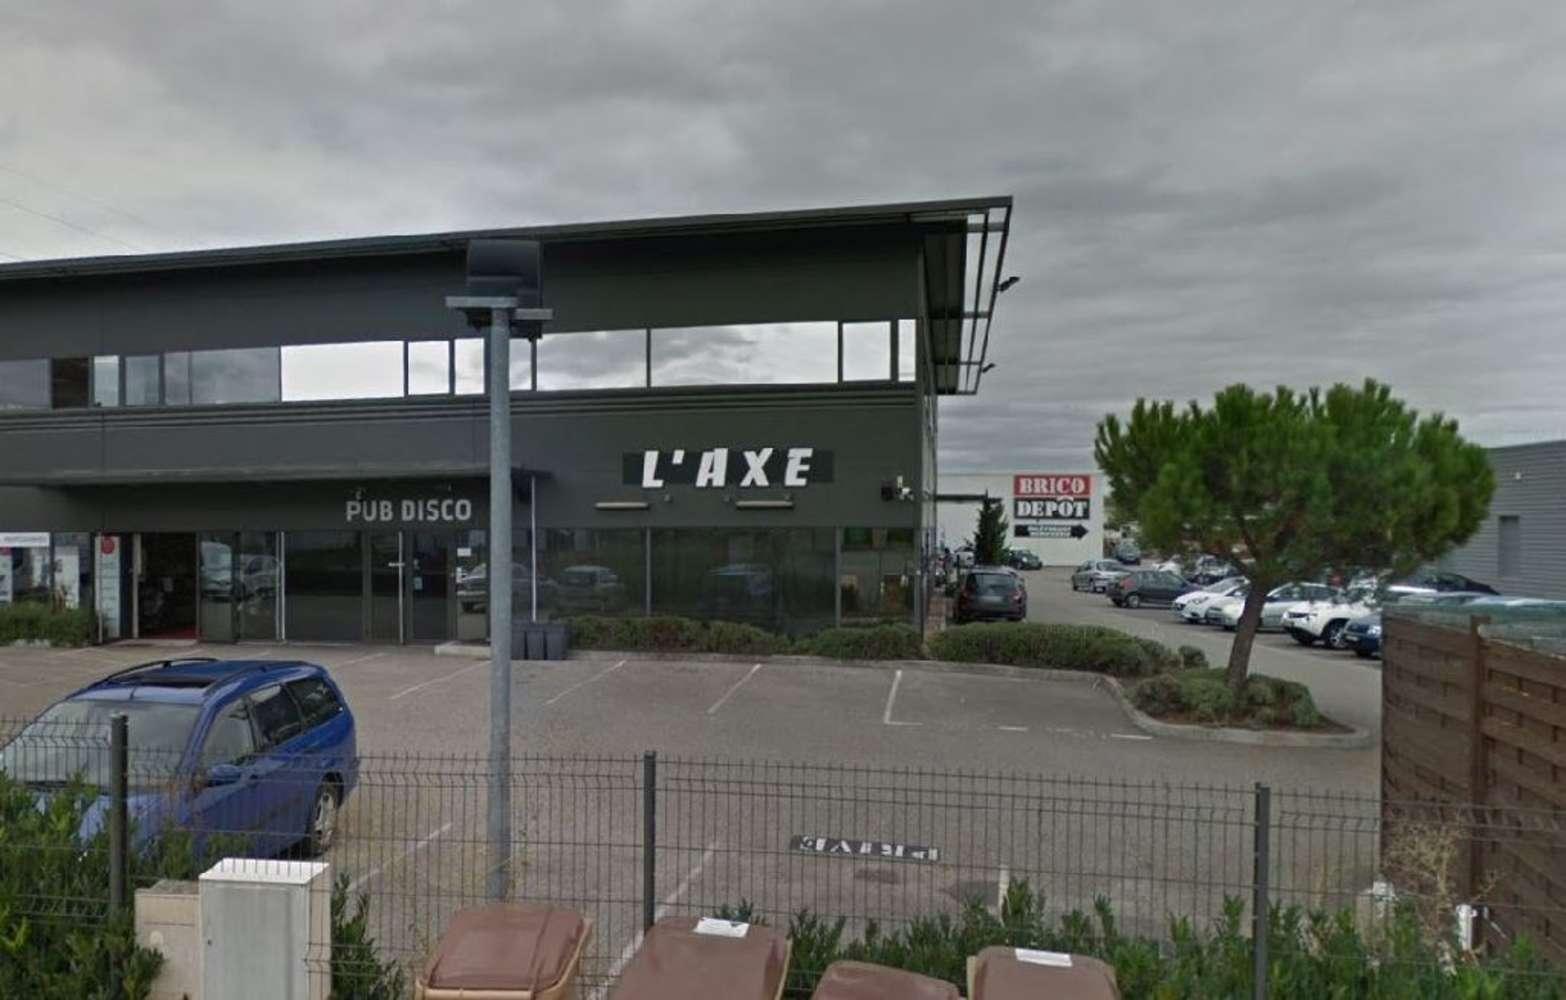 Activités/entrepôt Villefranche sur saone, 69400 - Location entrepot Lyon / Villefranche - 9580213